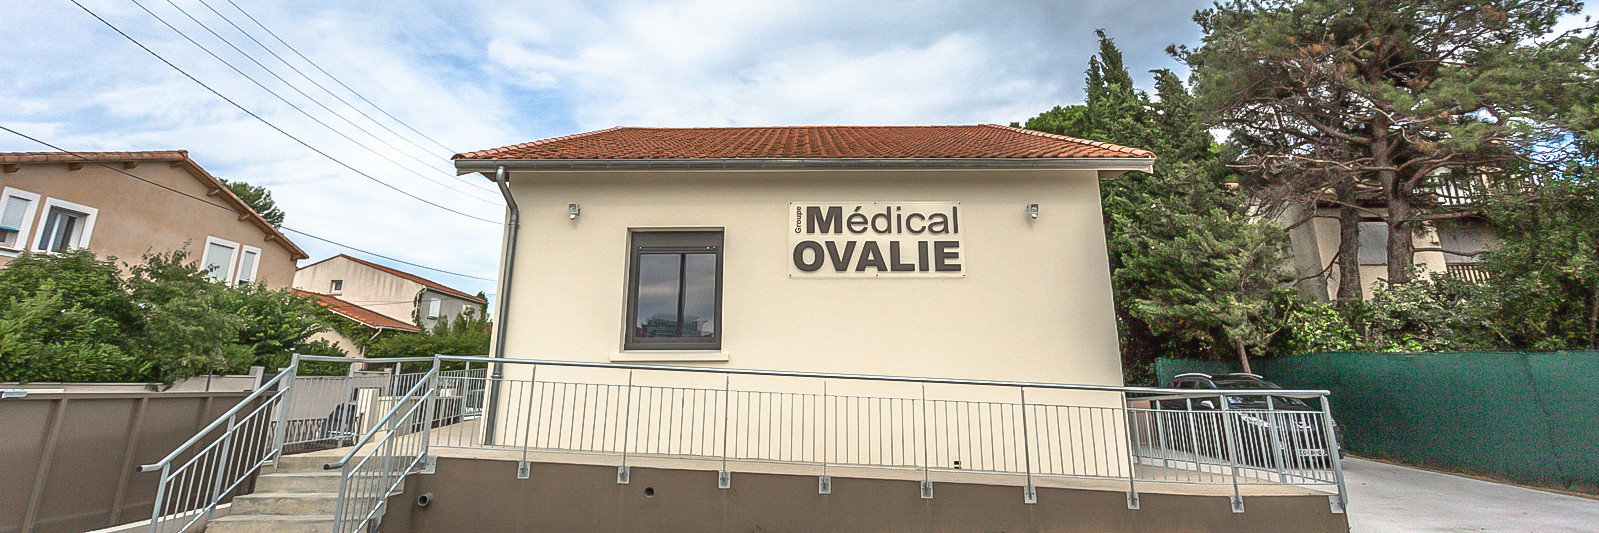 Groupe médical Ovalie à Montpellier - Un cabinet moderne